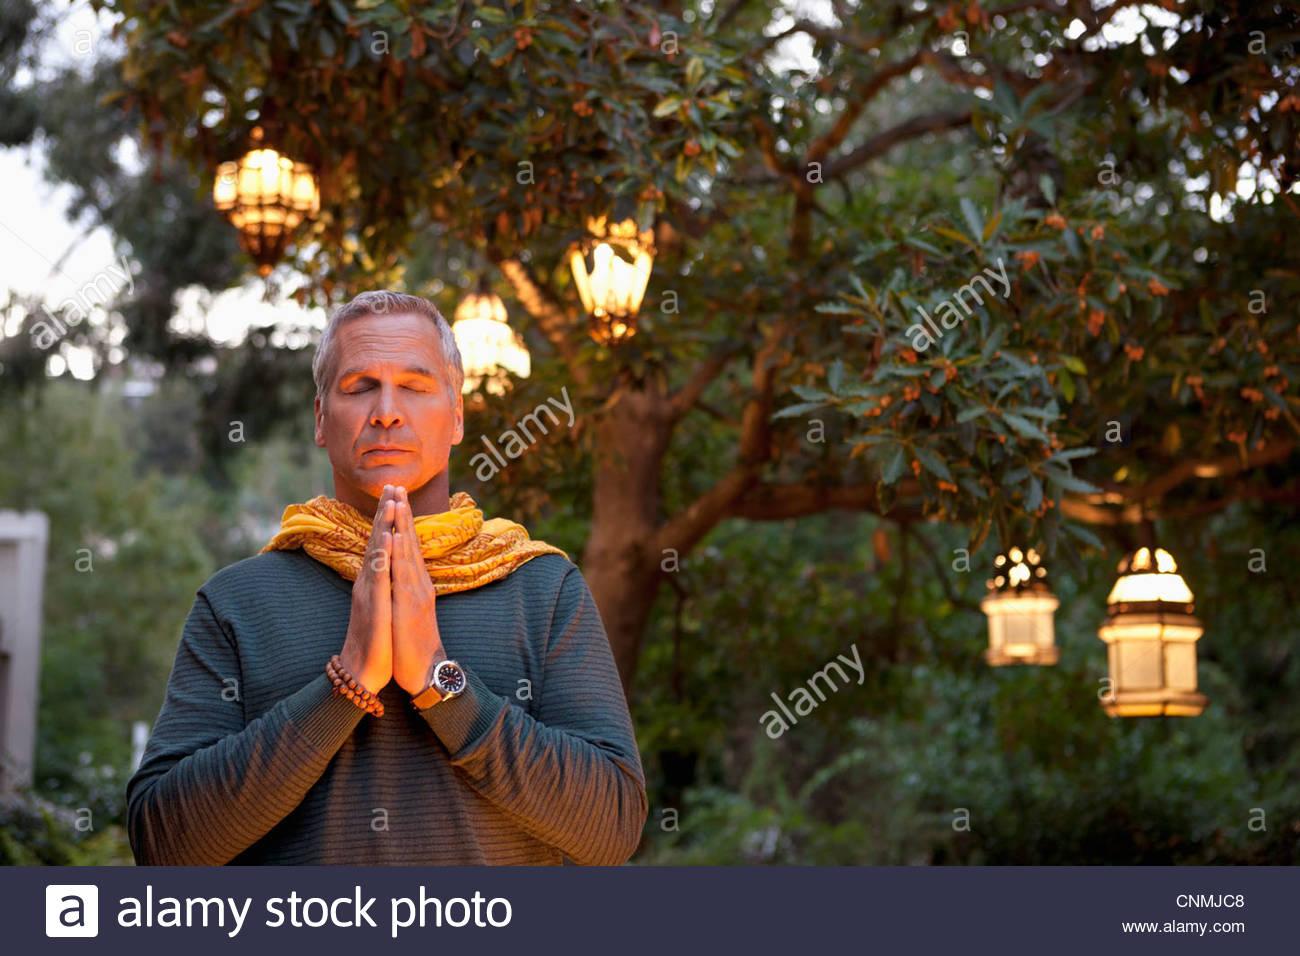 Older man praying in backyard - Stock Image